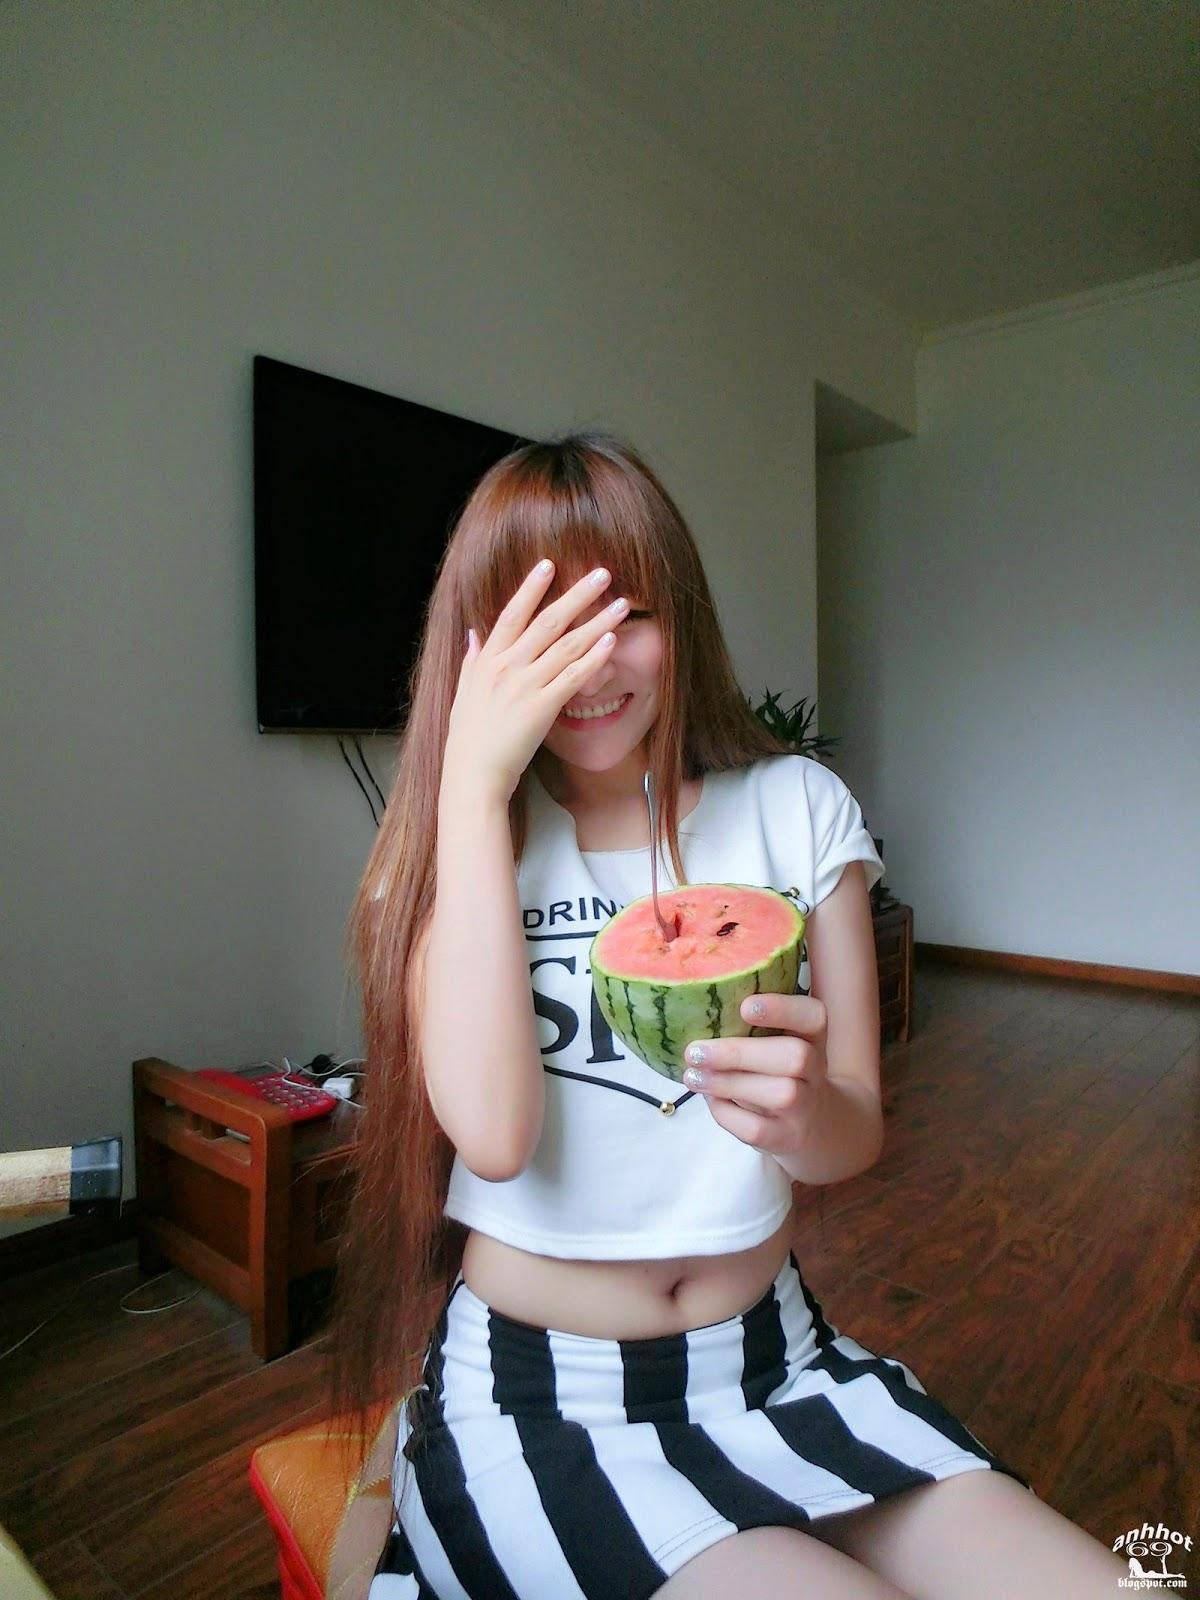 Suxia_h5_117491765439400f72o